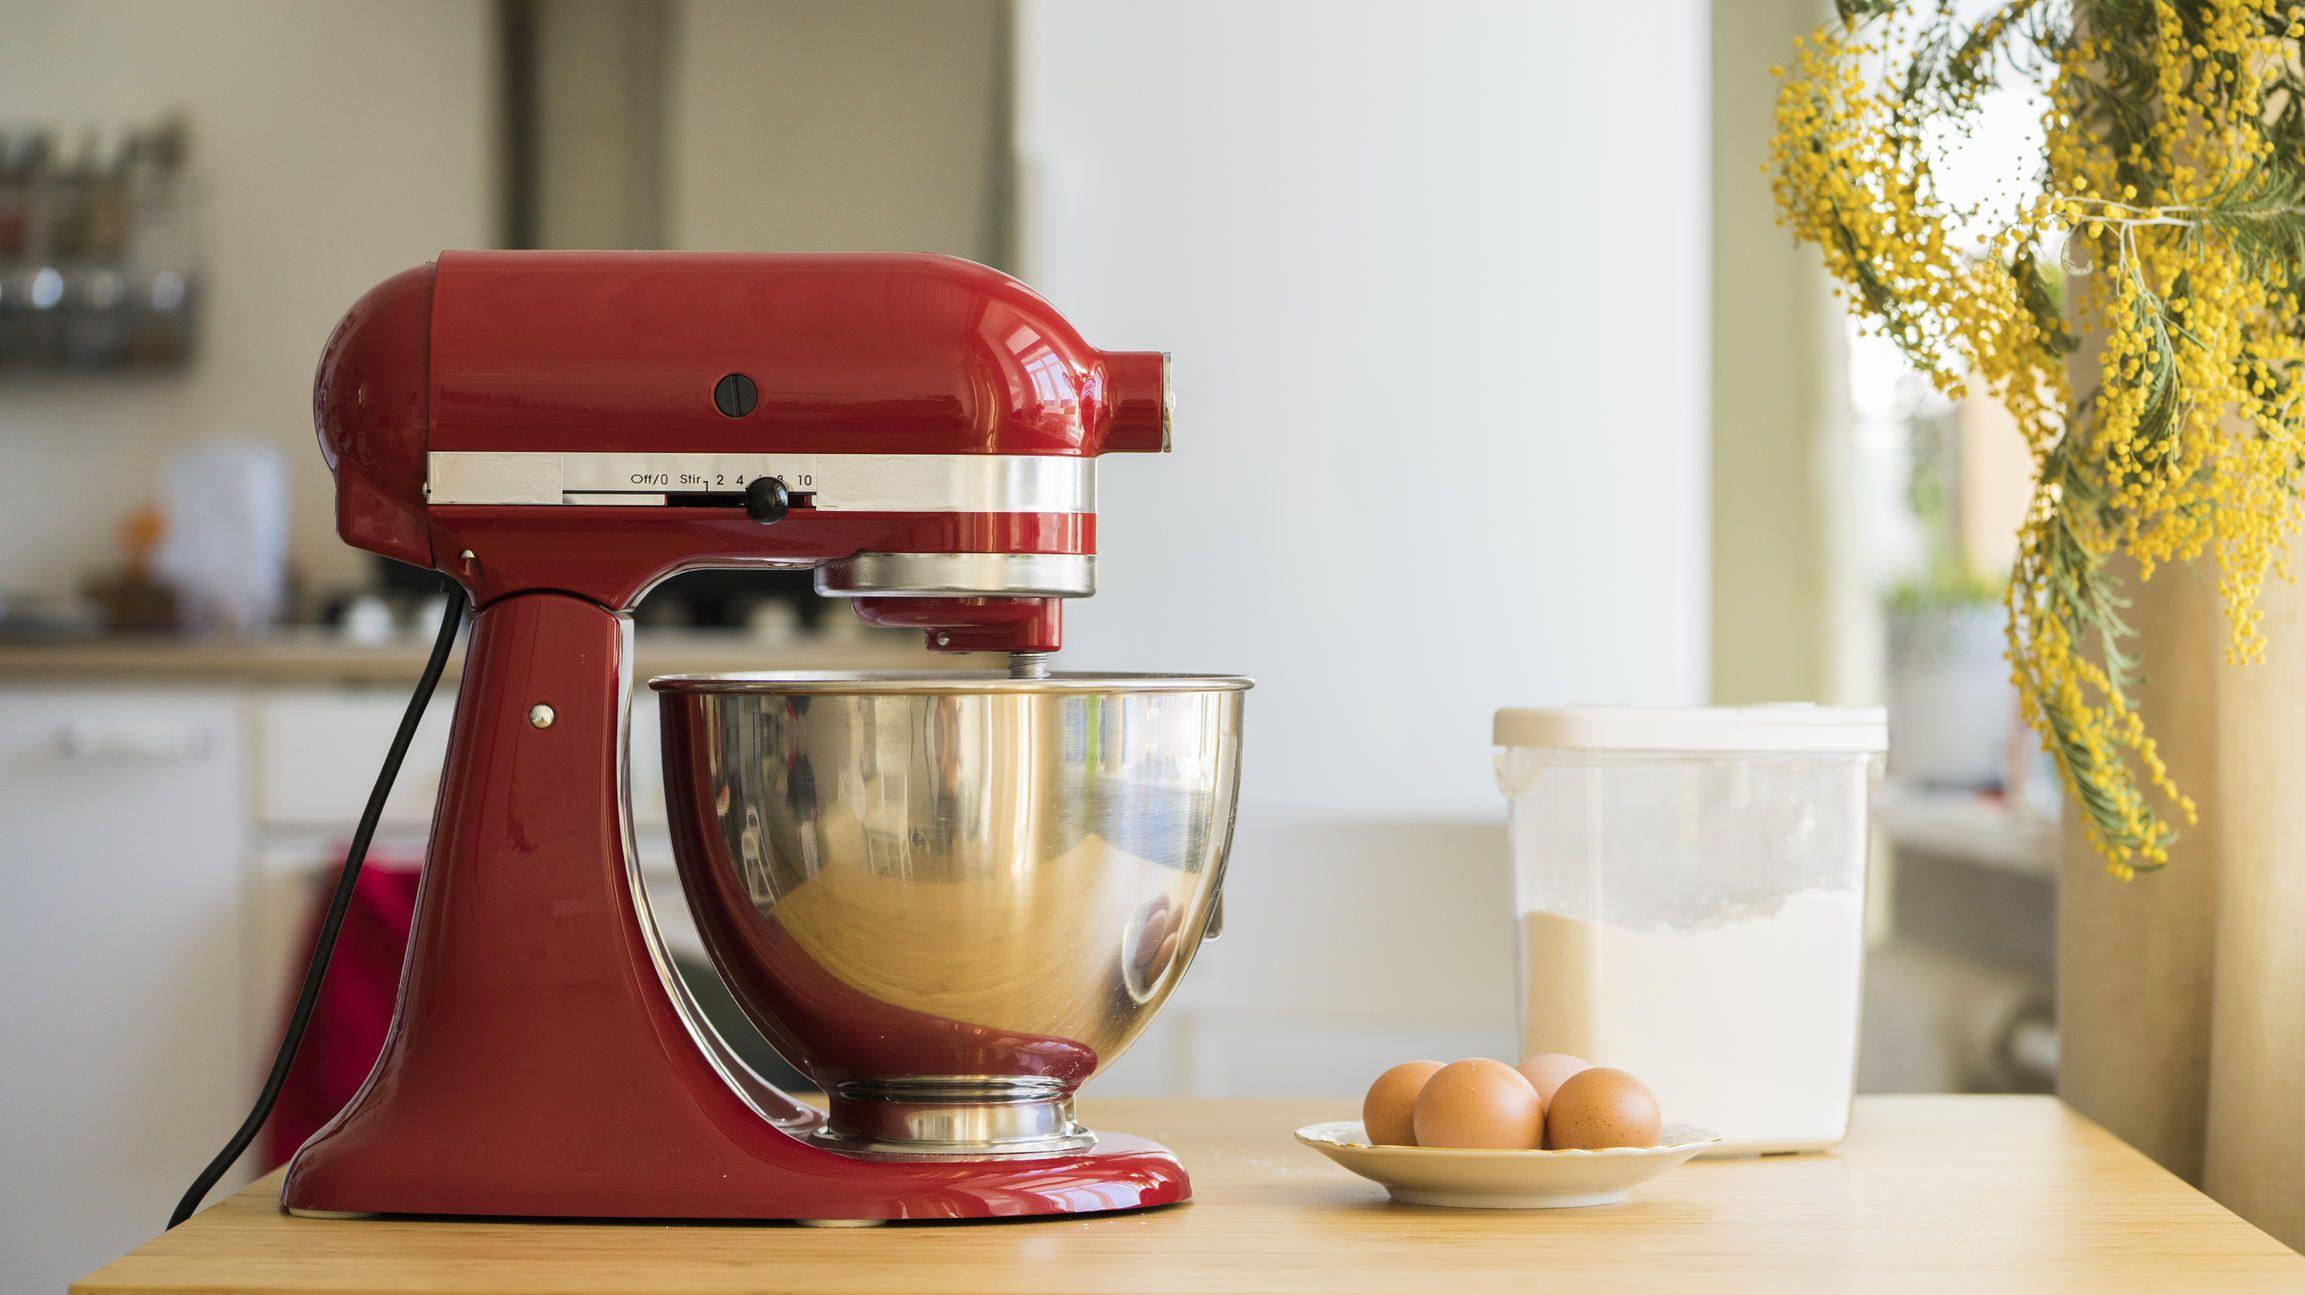 Stiftung Warentest Diese Kuchenmaschinen Kneten Hacken Und Raspeln